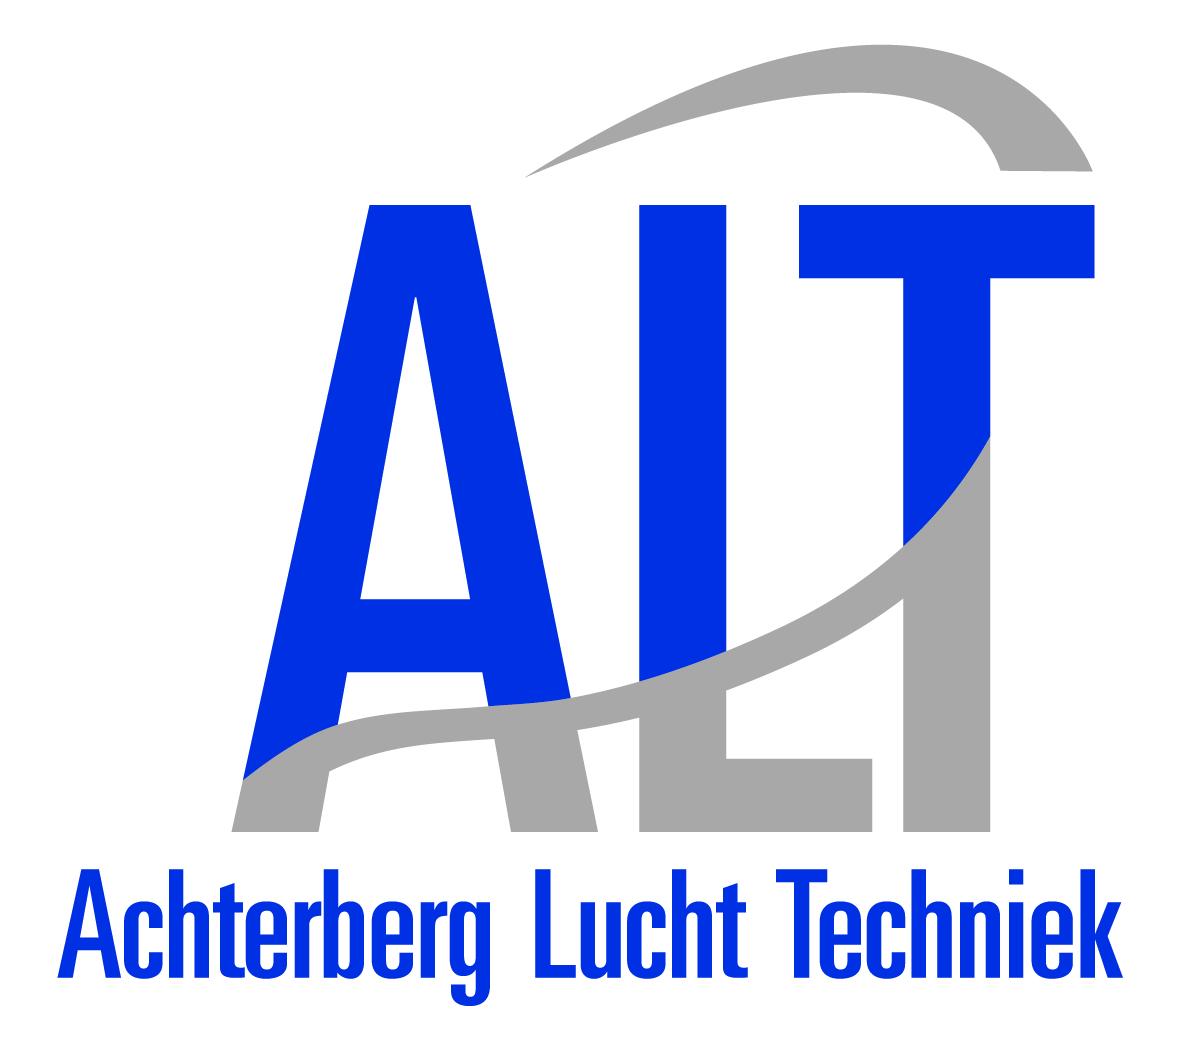 Achterberg-Lucht-Techniek-V1-JPEG.jpg